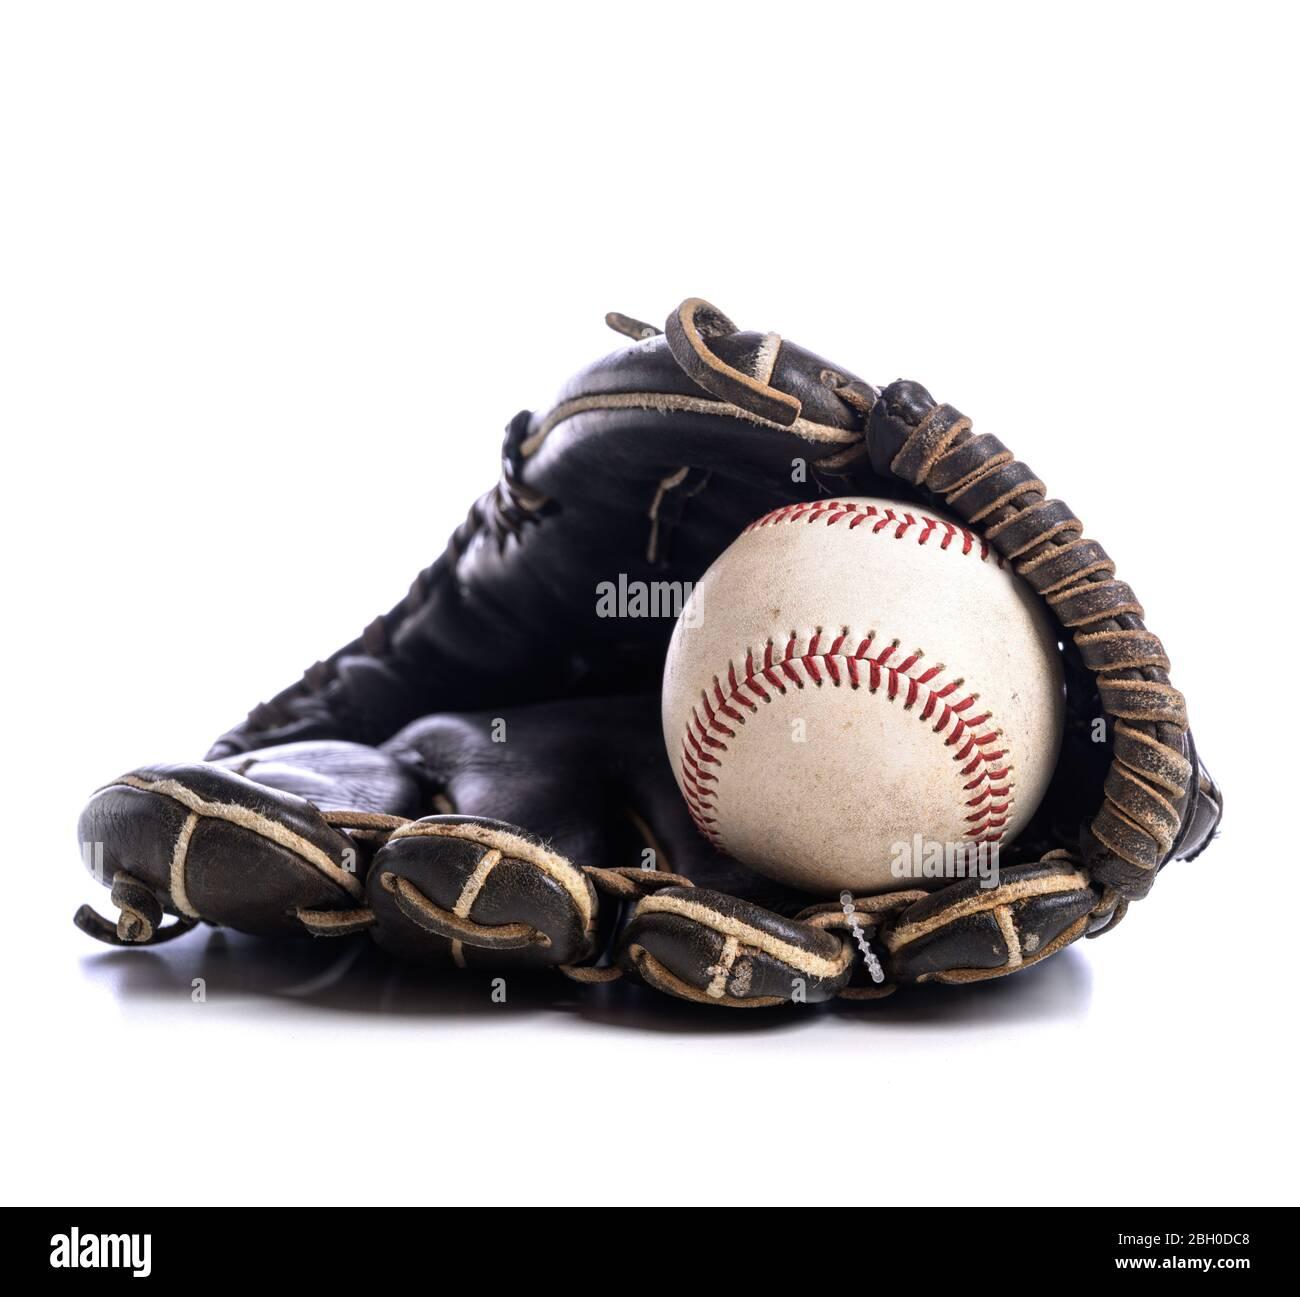 Un gros-plan d'un gant de baseball et d'une balle en cuir Banque D'Images